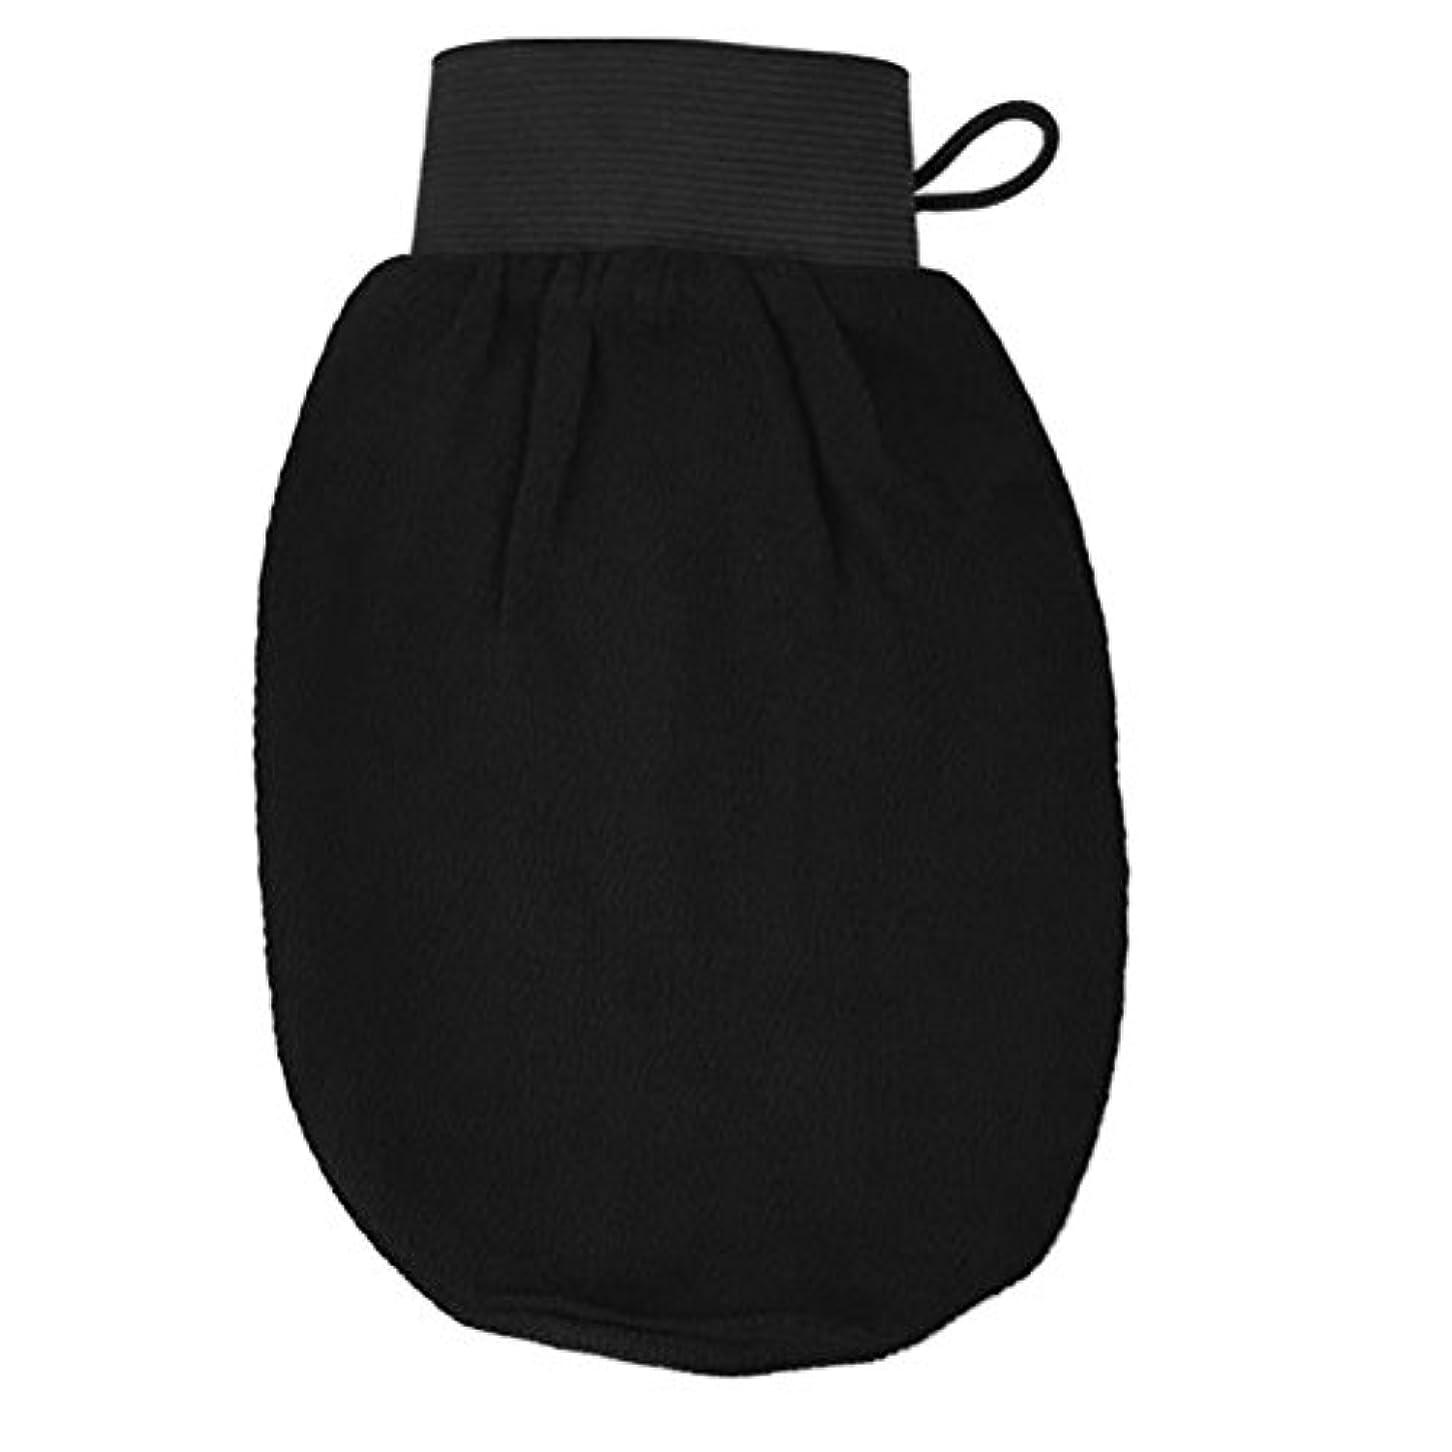 好色な移植抑圧者ROSENICE バスグローブ 浴用グローブ 角質取り 泡立ち 垢擦り 手袋 マッサージ ボディウォッシュ シャワー バスルーム 男女兼用 バス用品(ブラック)